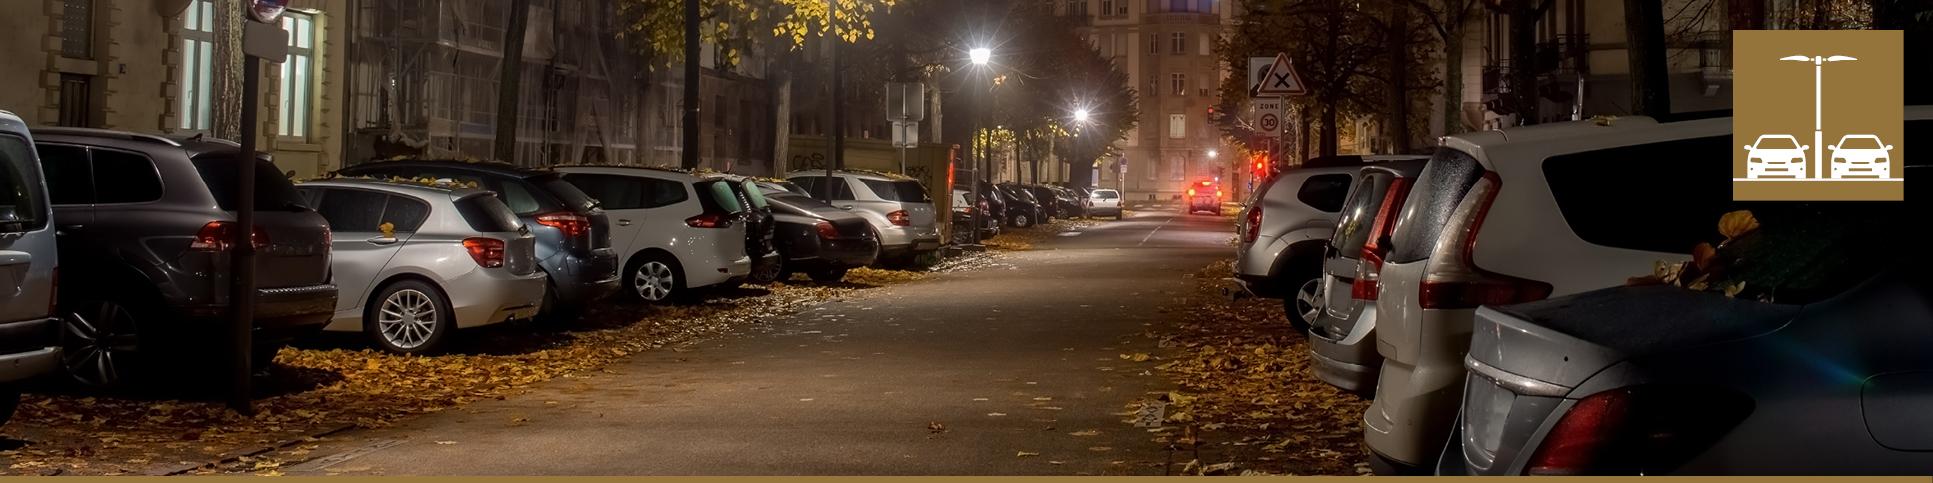 Lighting for Crime Prevention